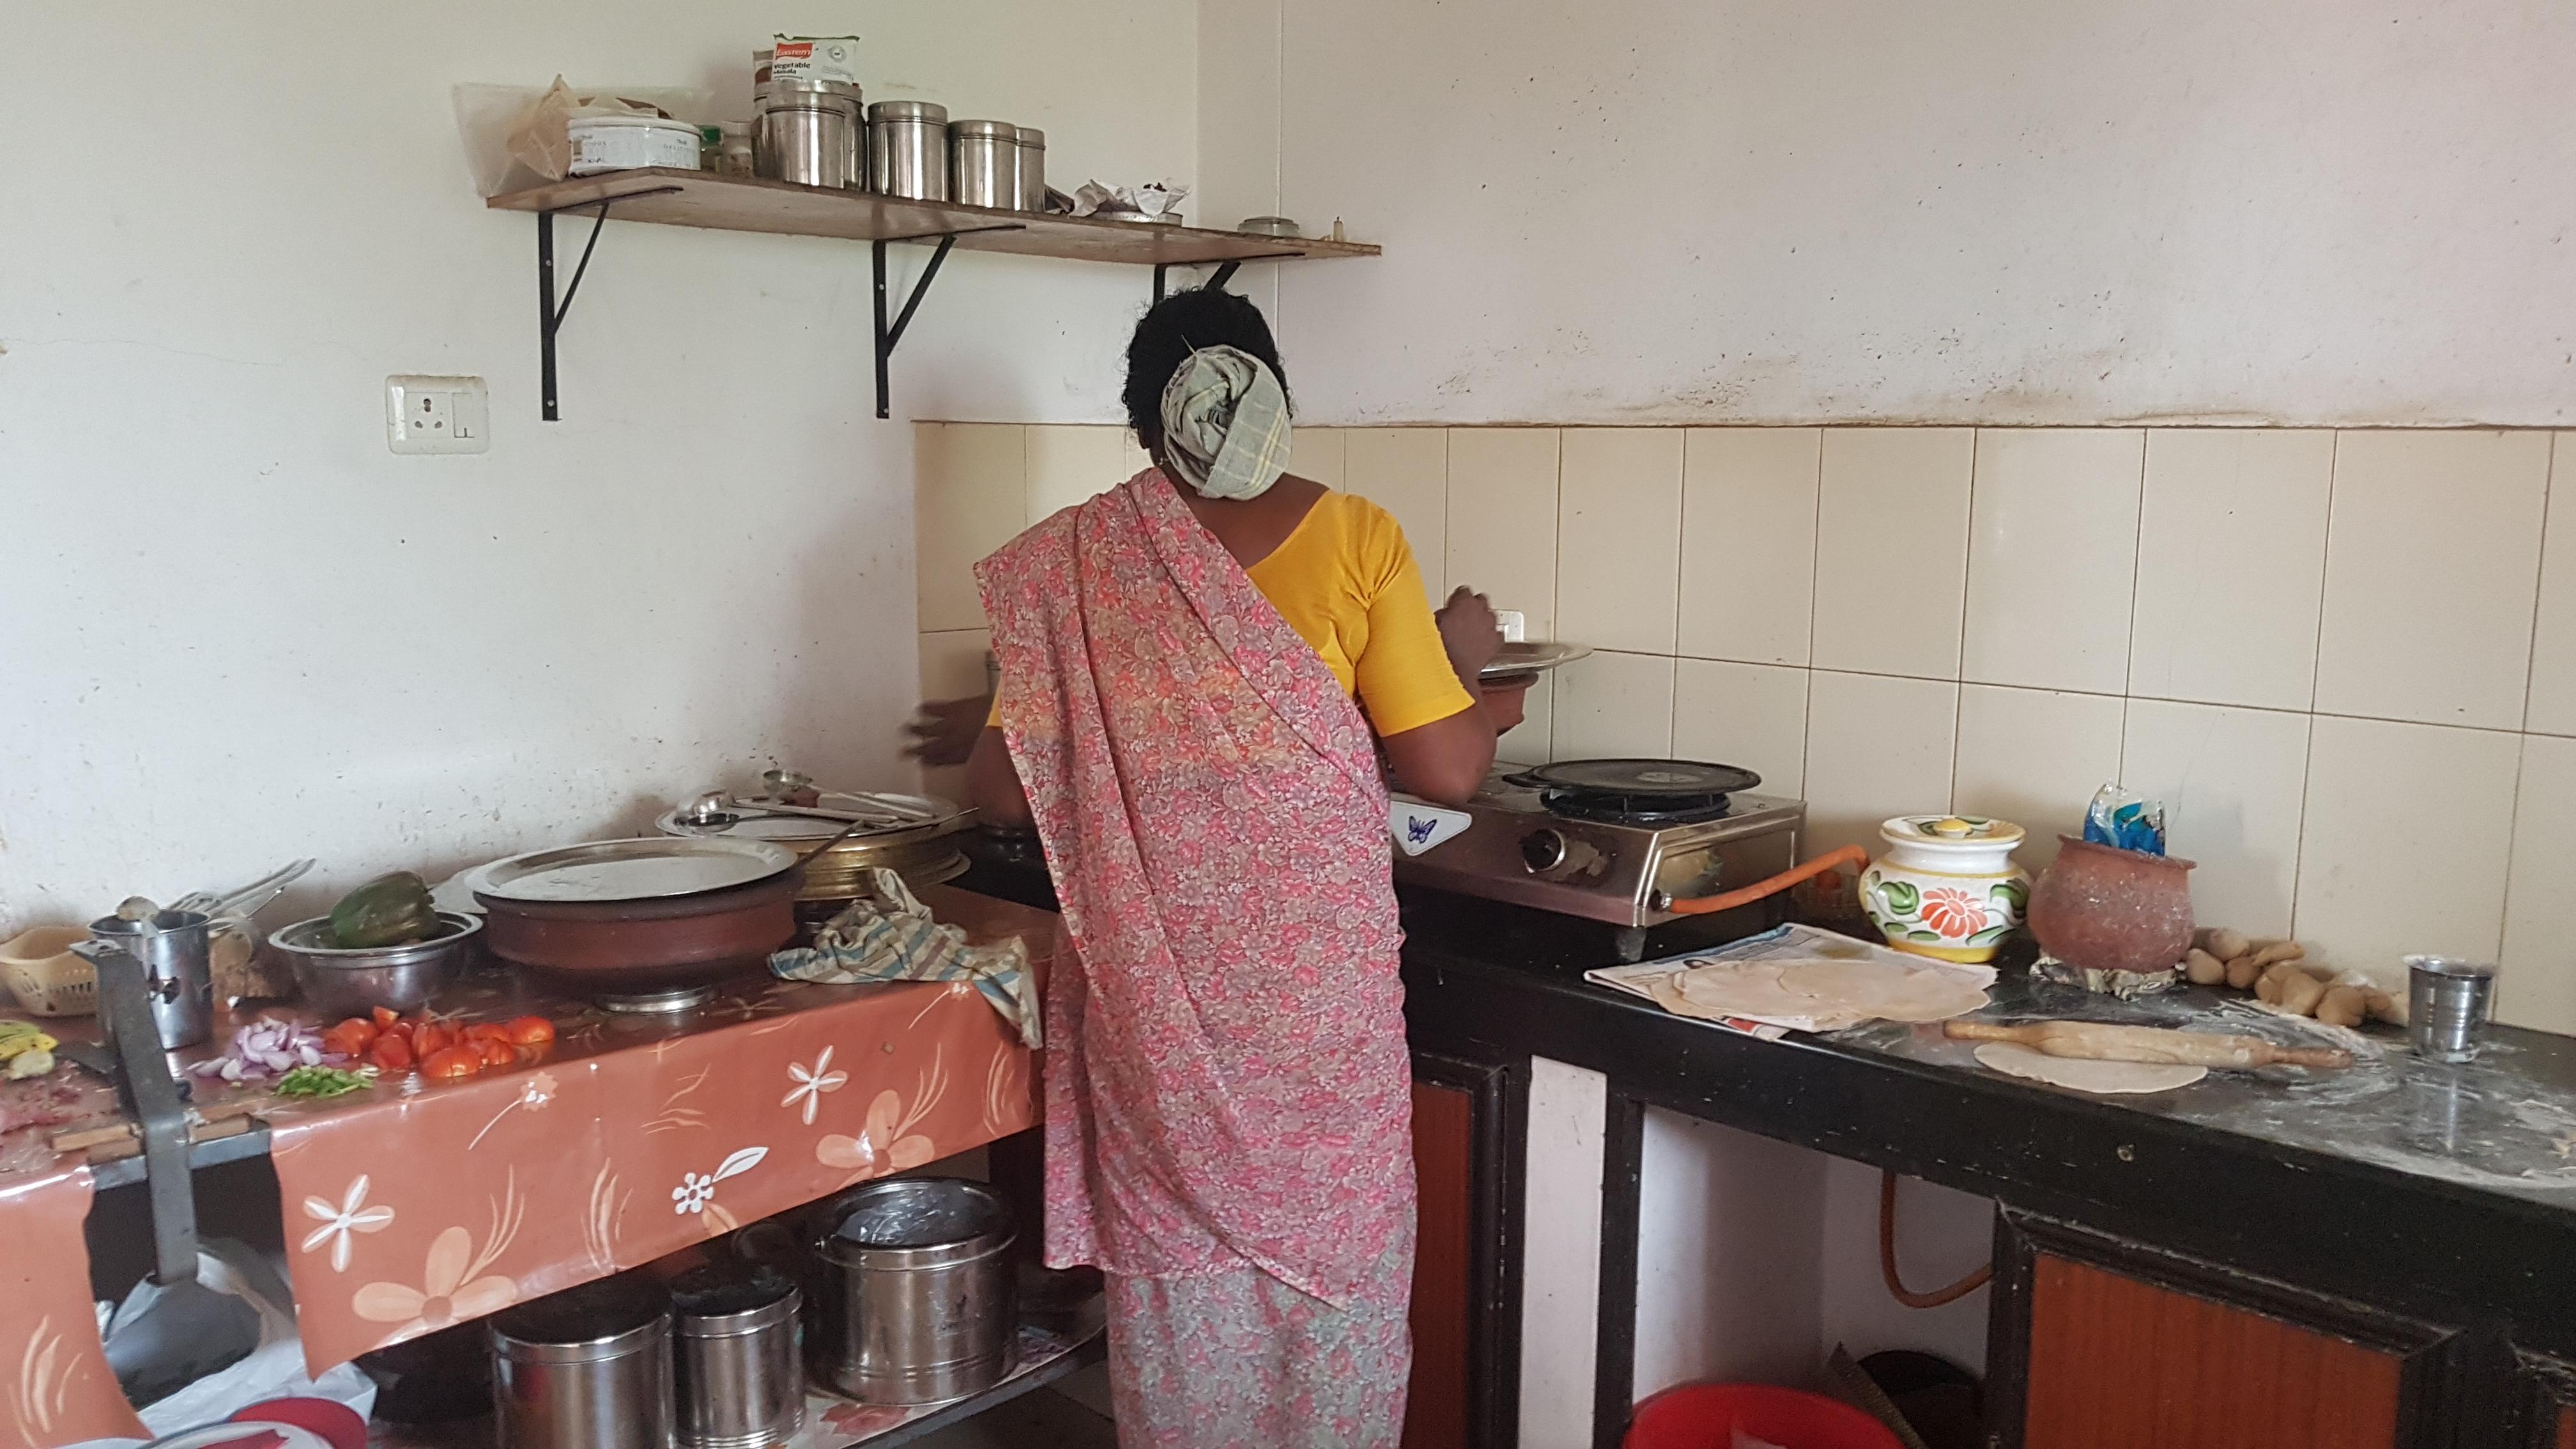 Niedlich Küche Von Indien Fotos - Ideen Für Die Küche Dekoration ...